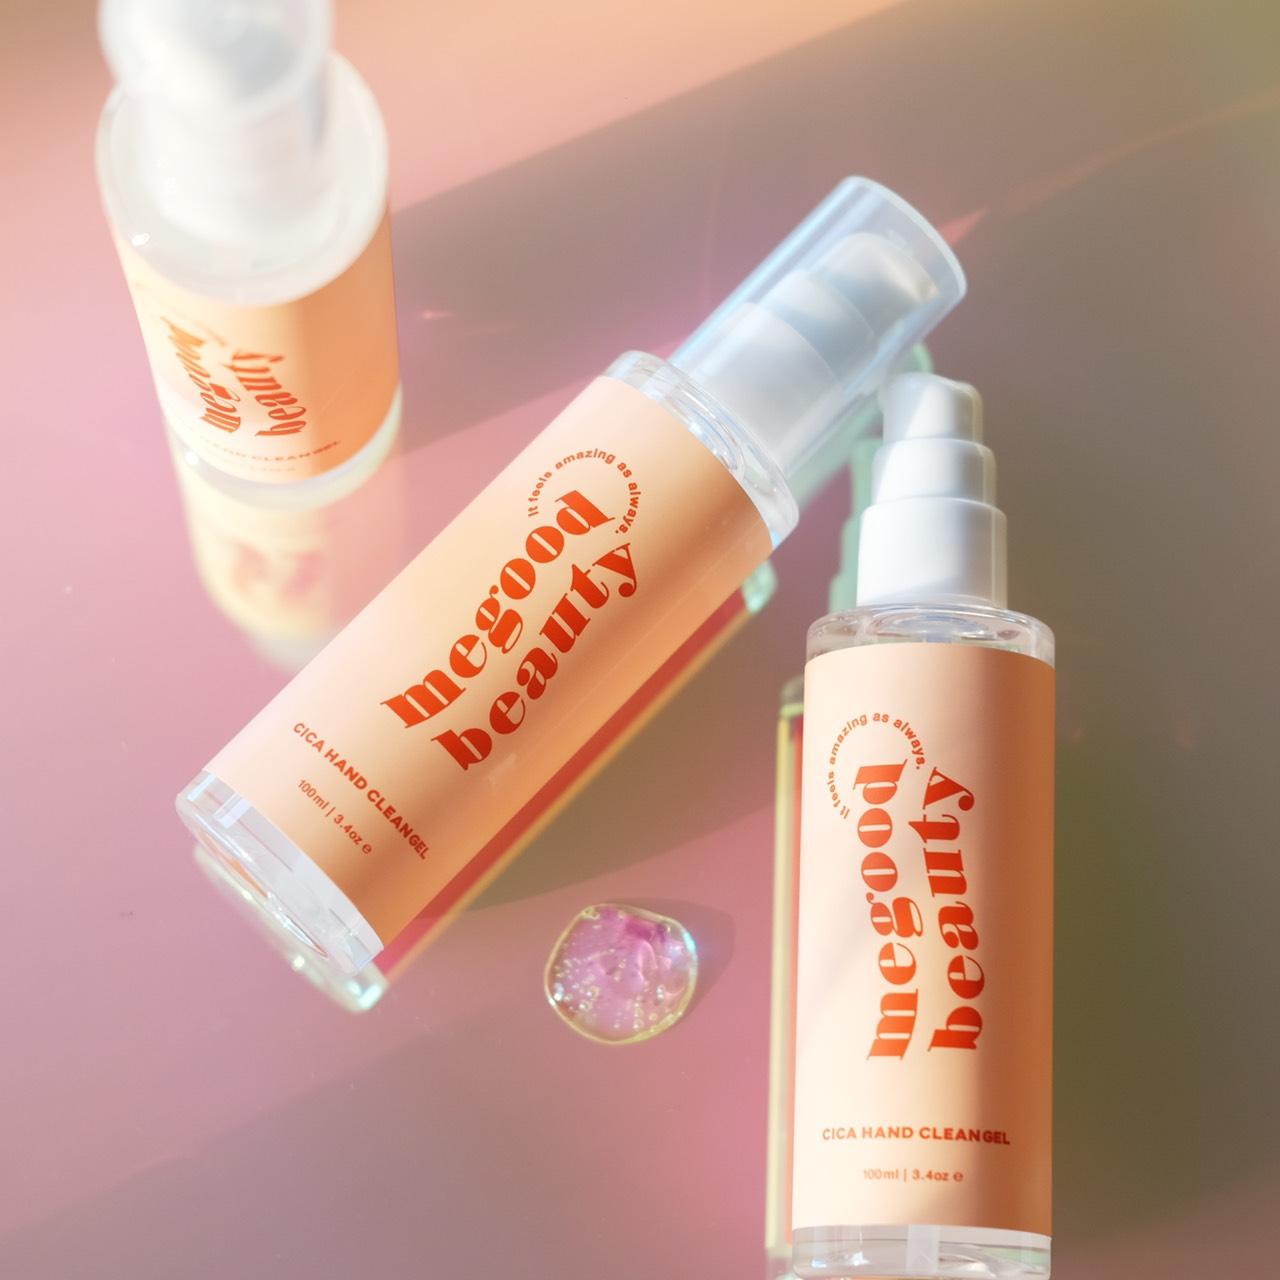 大人気【MEGOOD BEAUTY】除菌ジェルが新登場!天然美容成分ツボクサエキス配合『CICA HAND CLEAN GEL』🌟